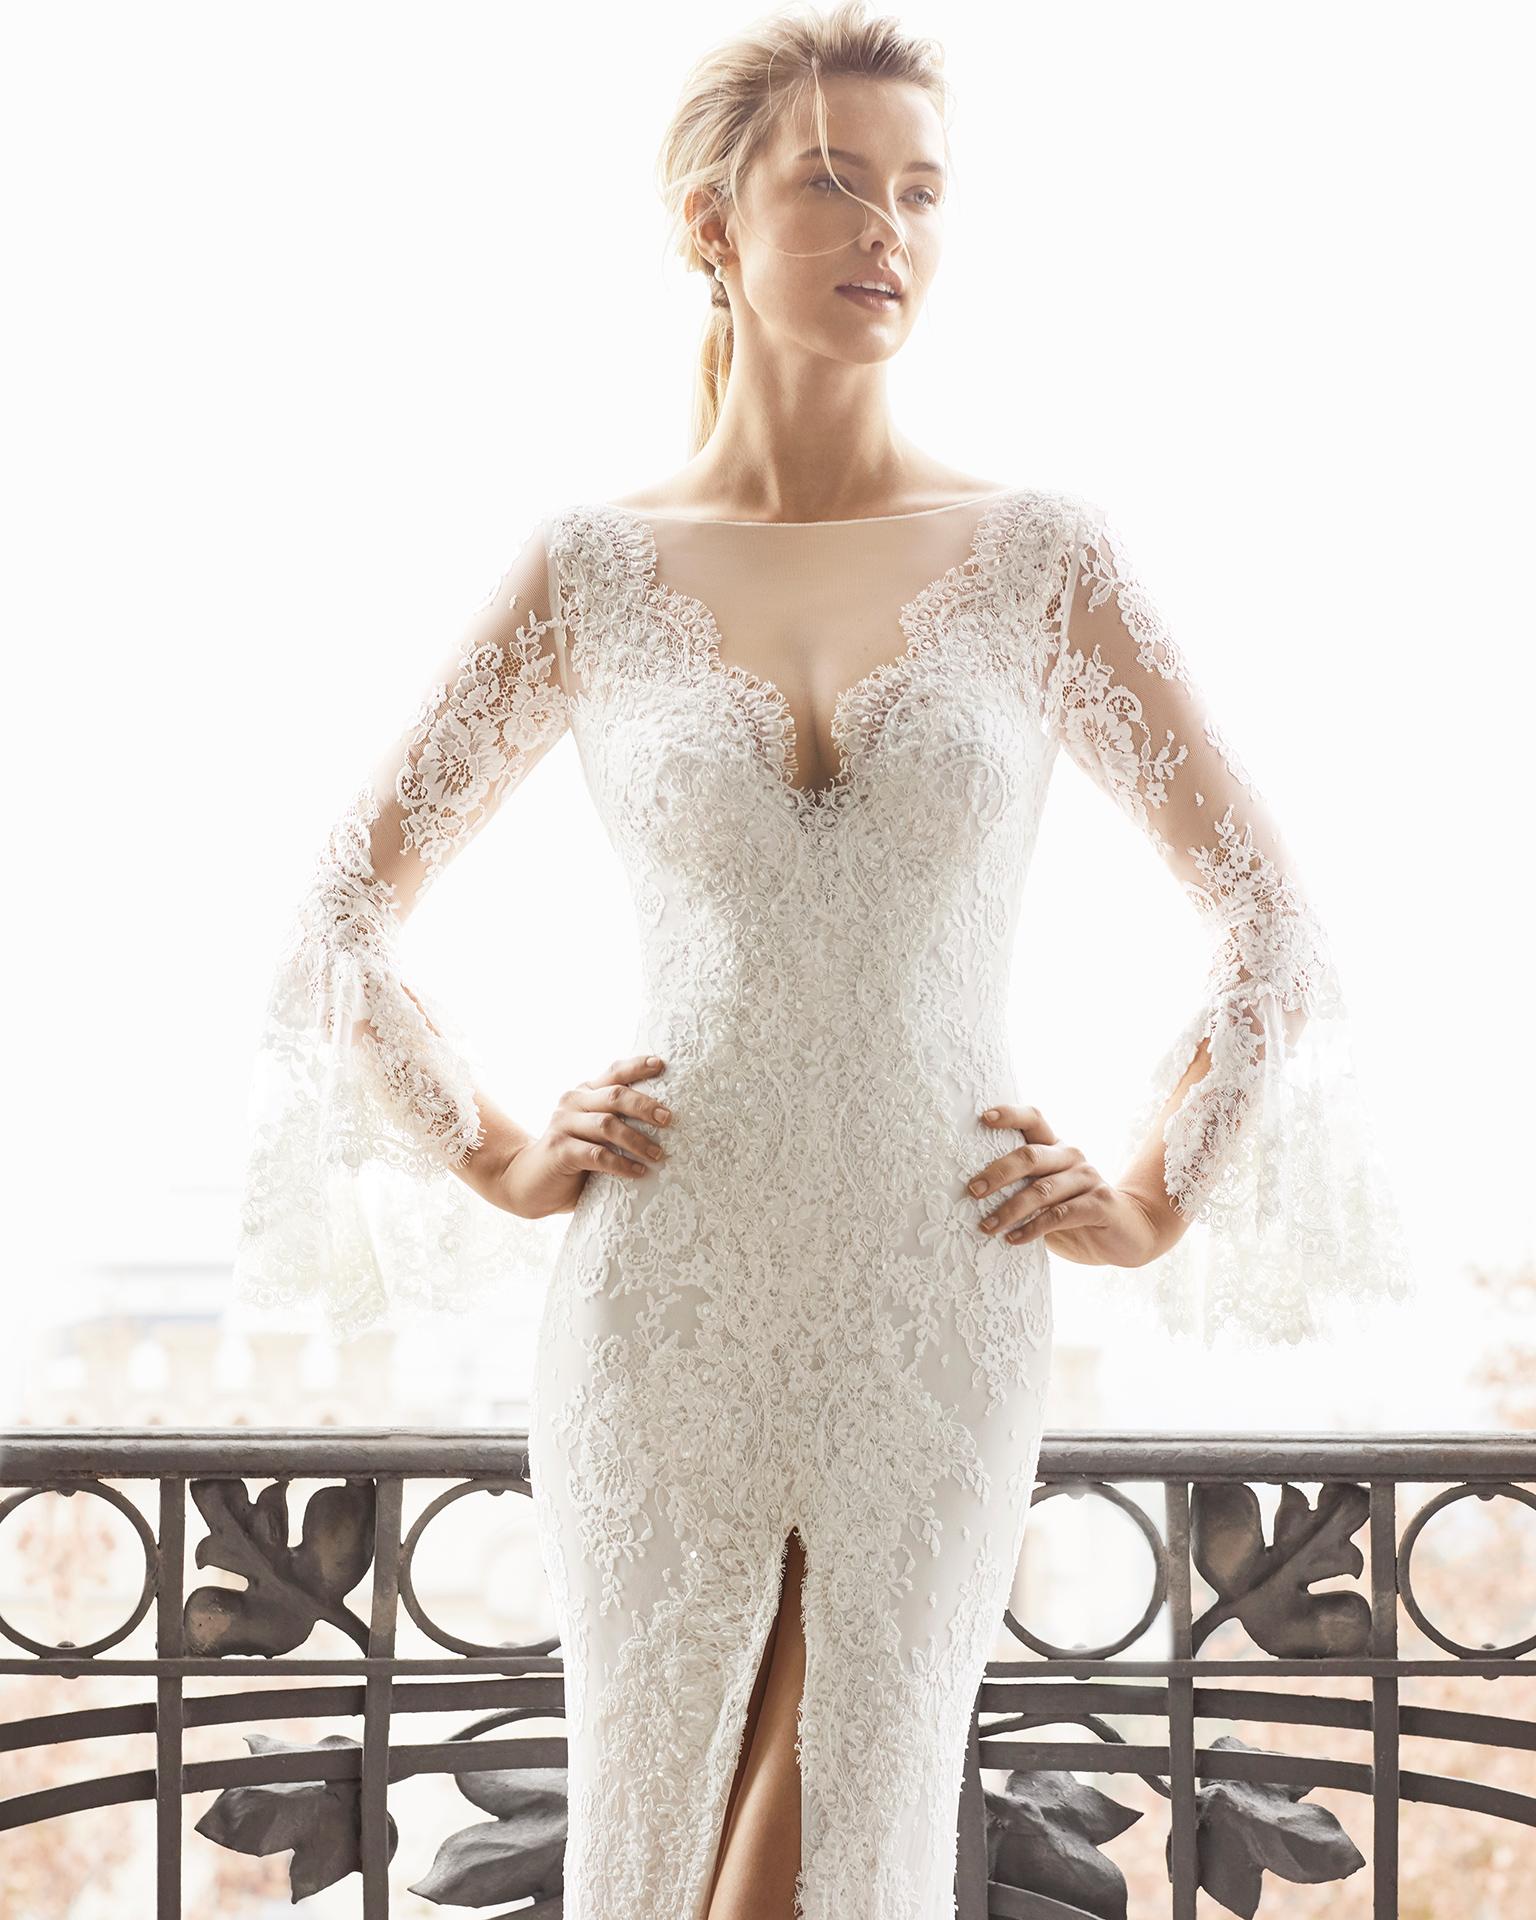 Robe de mariée style flamenco en dentelle et pierreries. Décolleté plongeant avec manches longues et décolleté dans le dos avec ouverture devant. Disponible en couleur naturelle. Collection AIRE BARCELONA 2019.